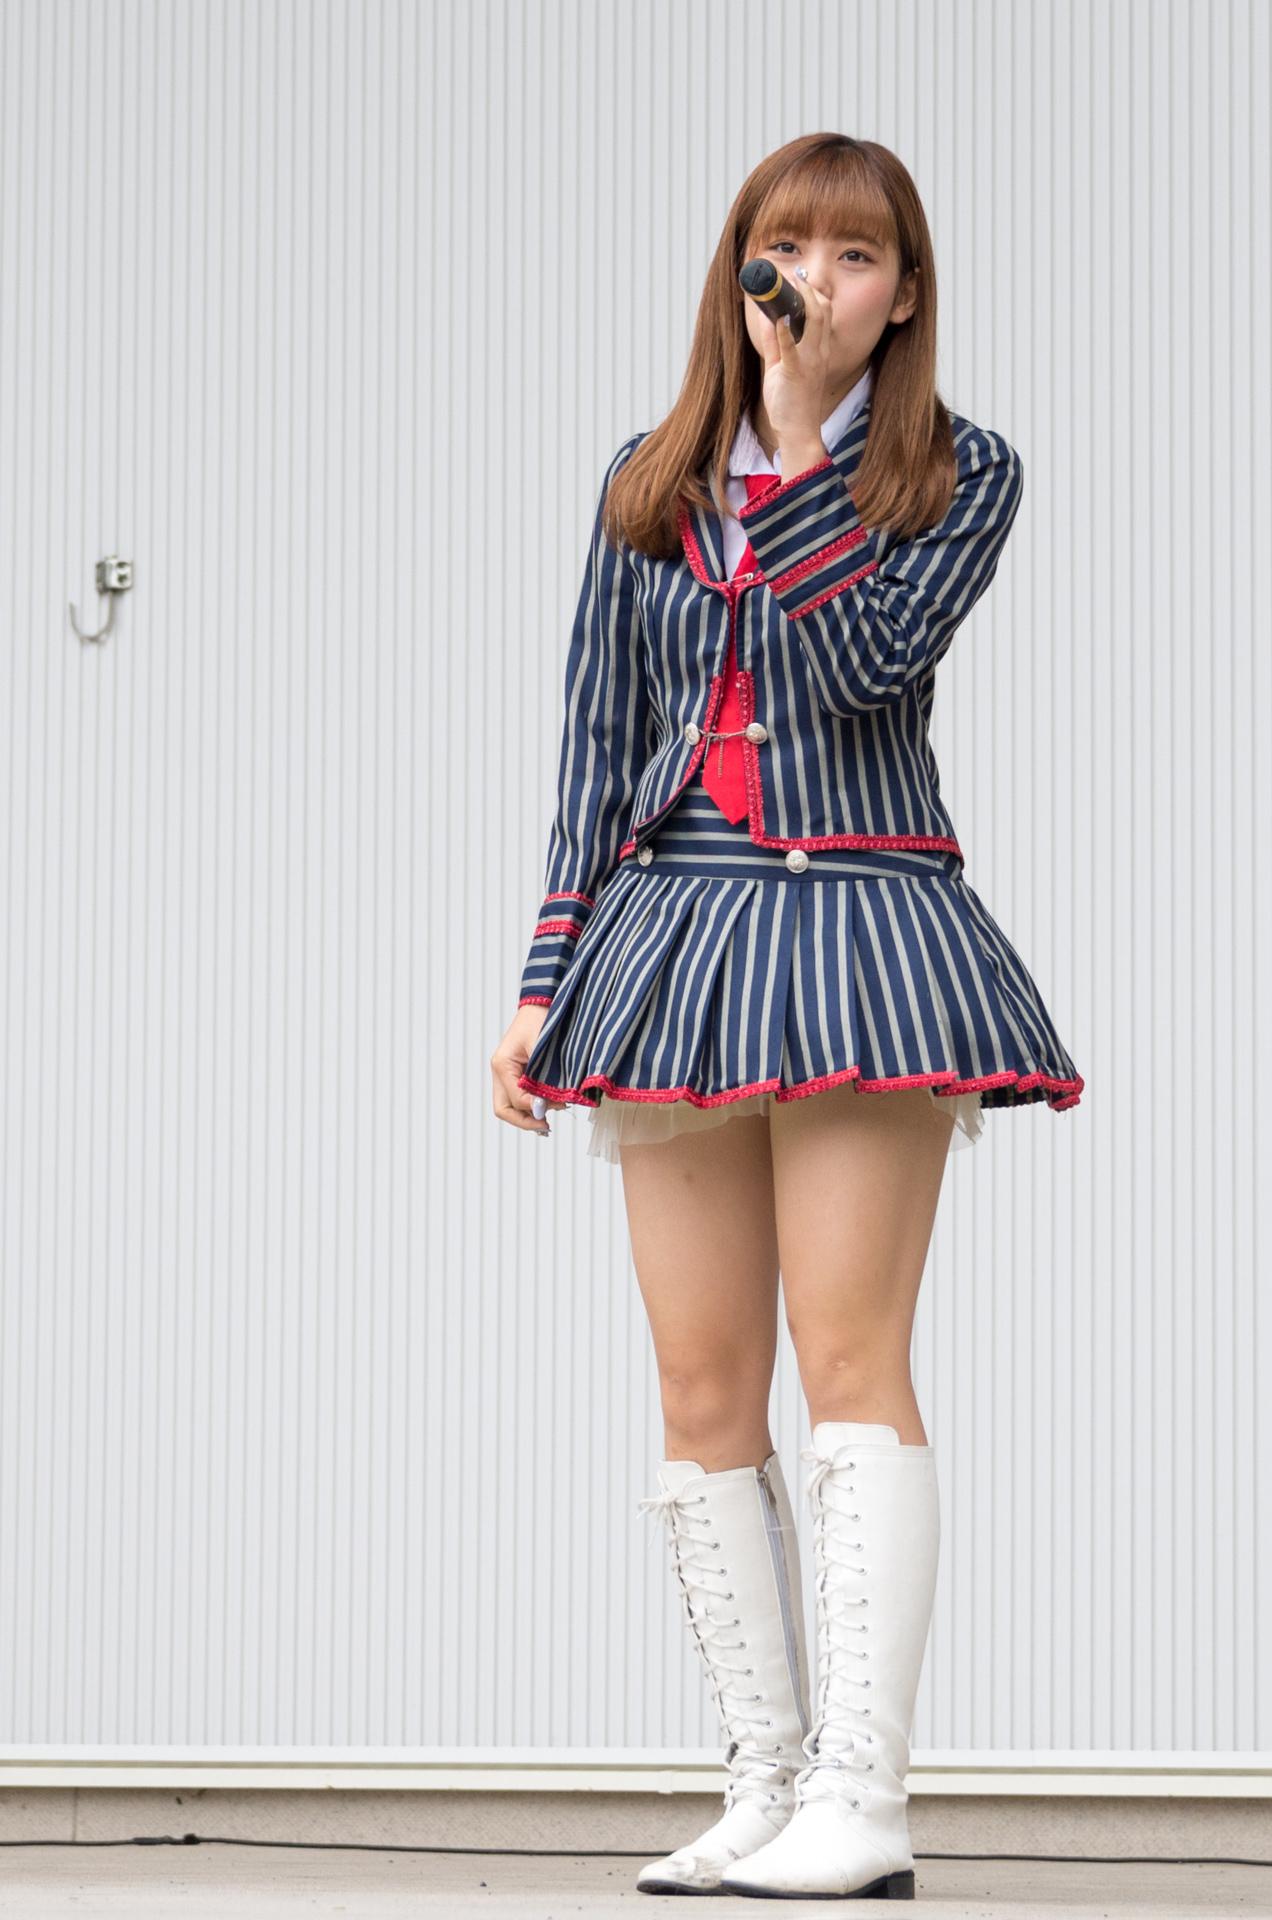 フルーティー♡ くるみ ( 原くるみ )   アイドルライブ in 円山動物園